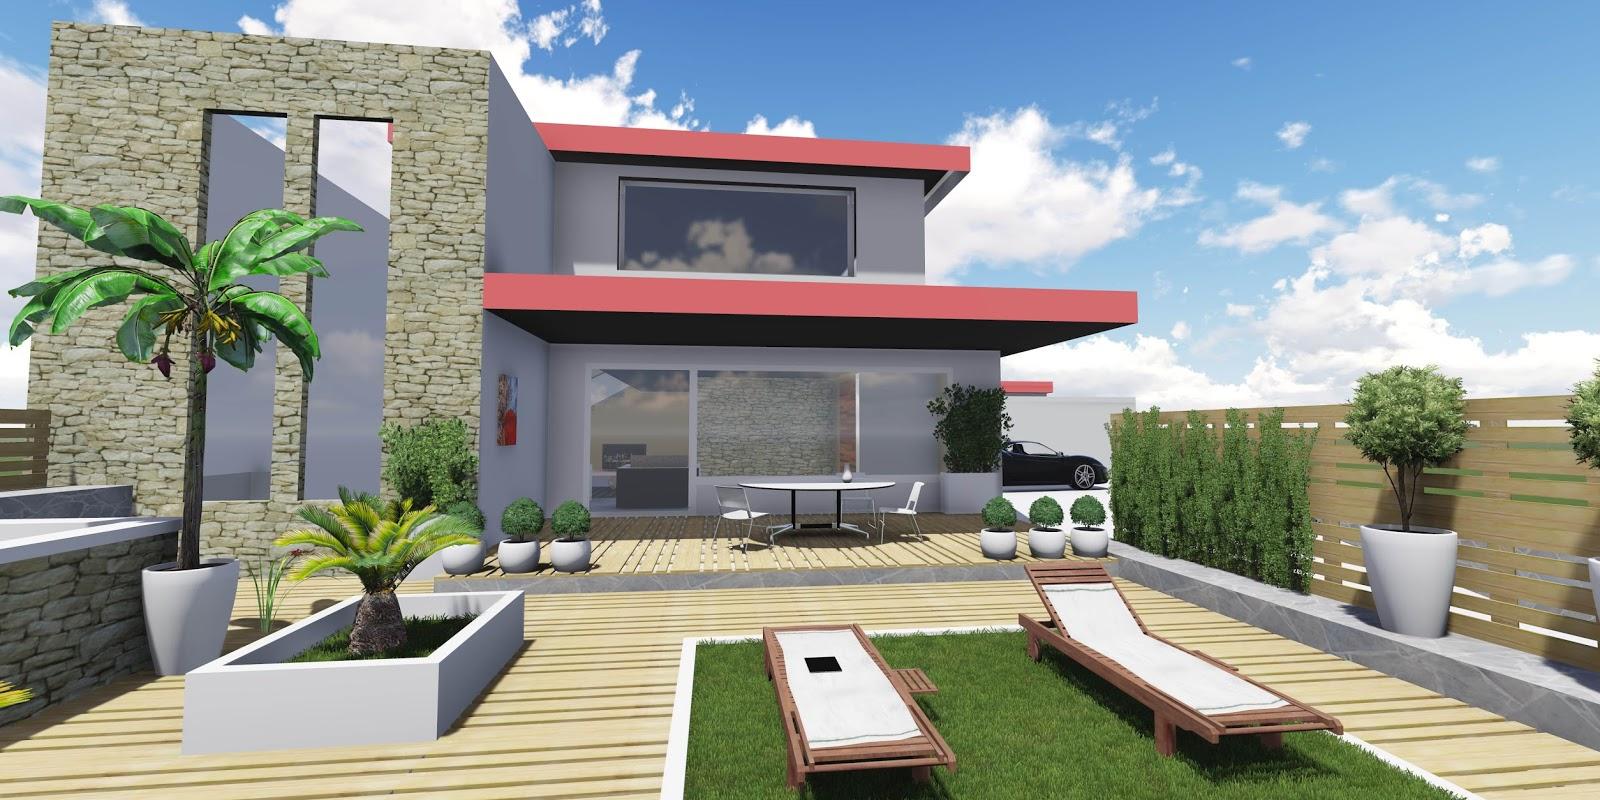 progettare spazi verdi progettazione online giardini e